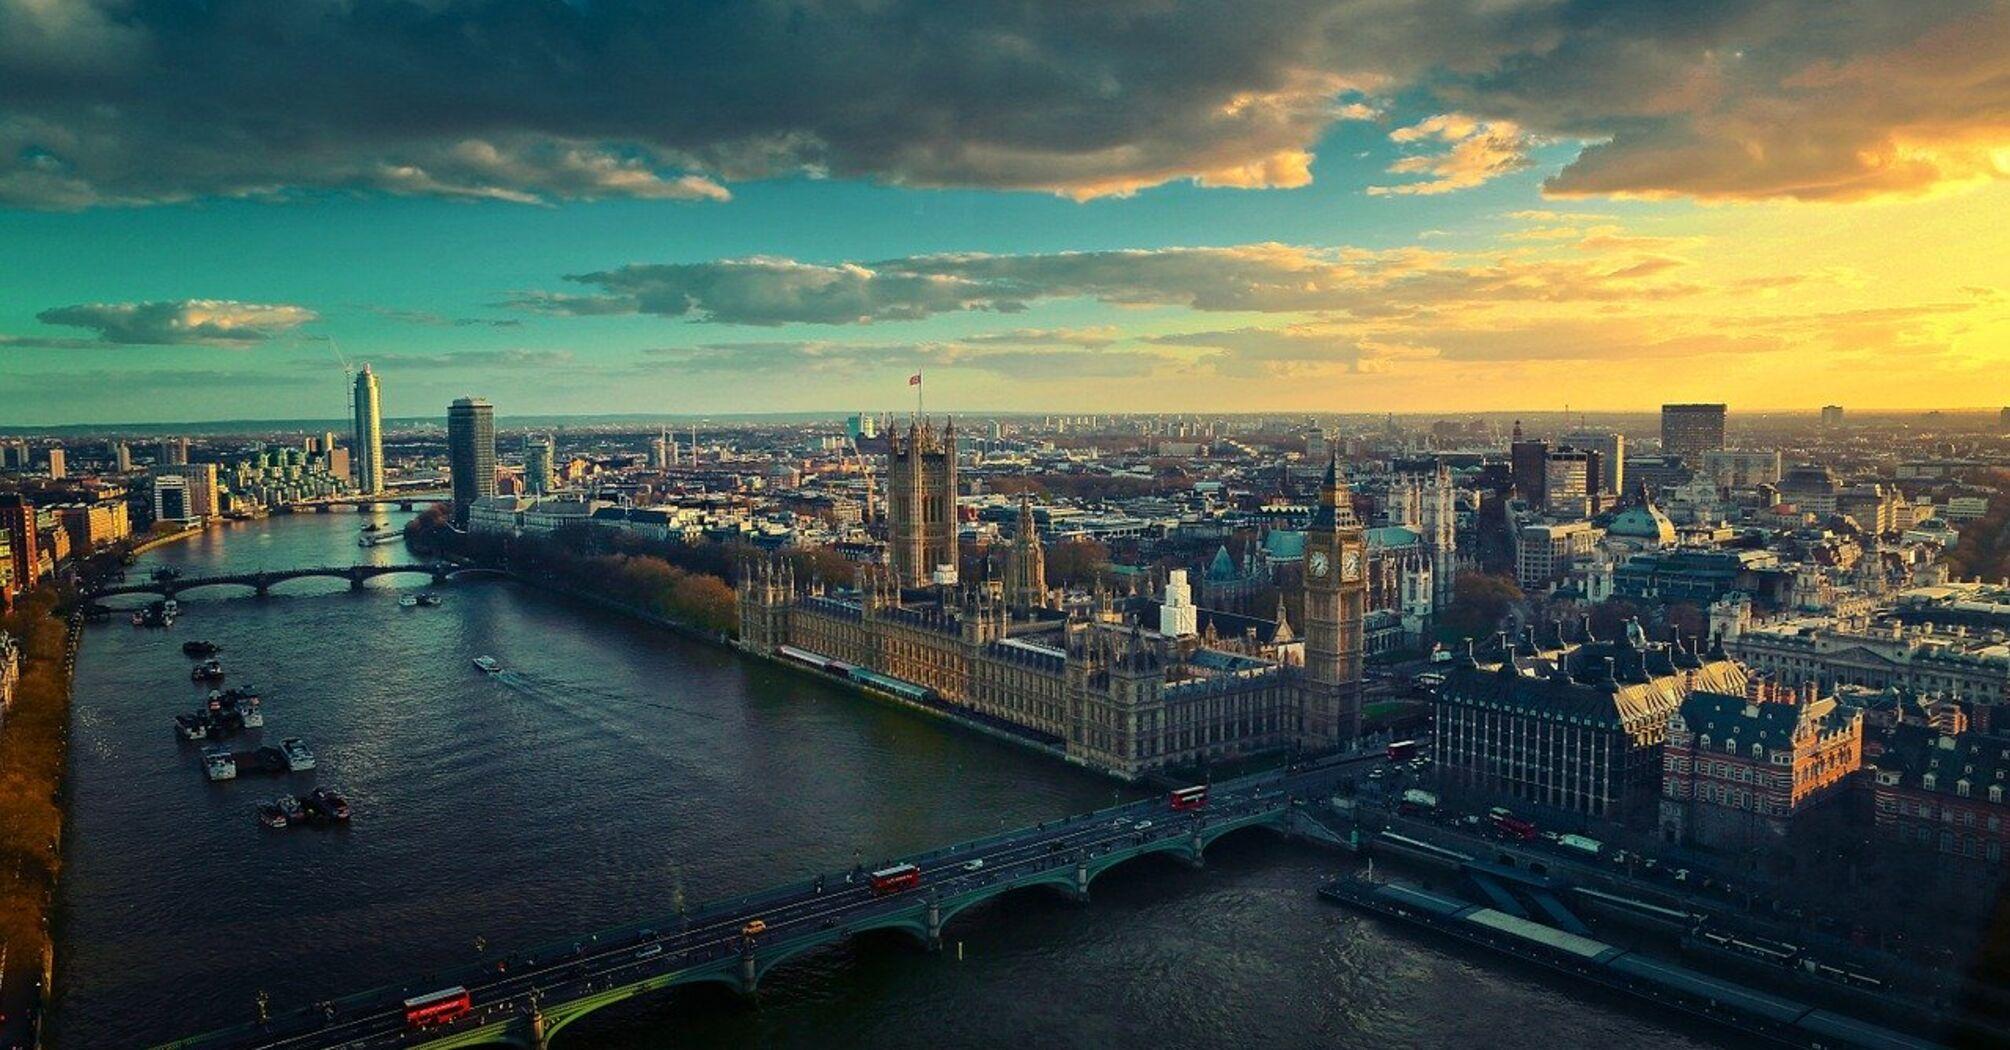 Правительство Великобритании одобрило план поддержки стратегически важных компаний